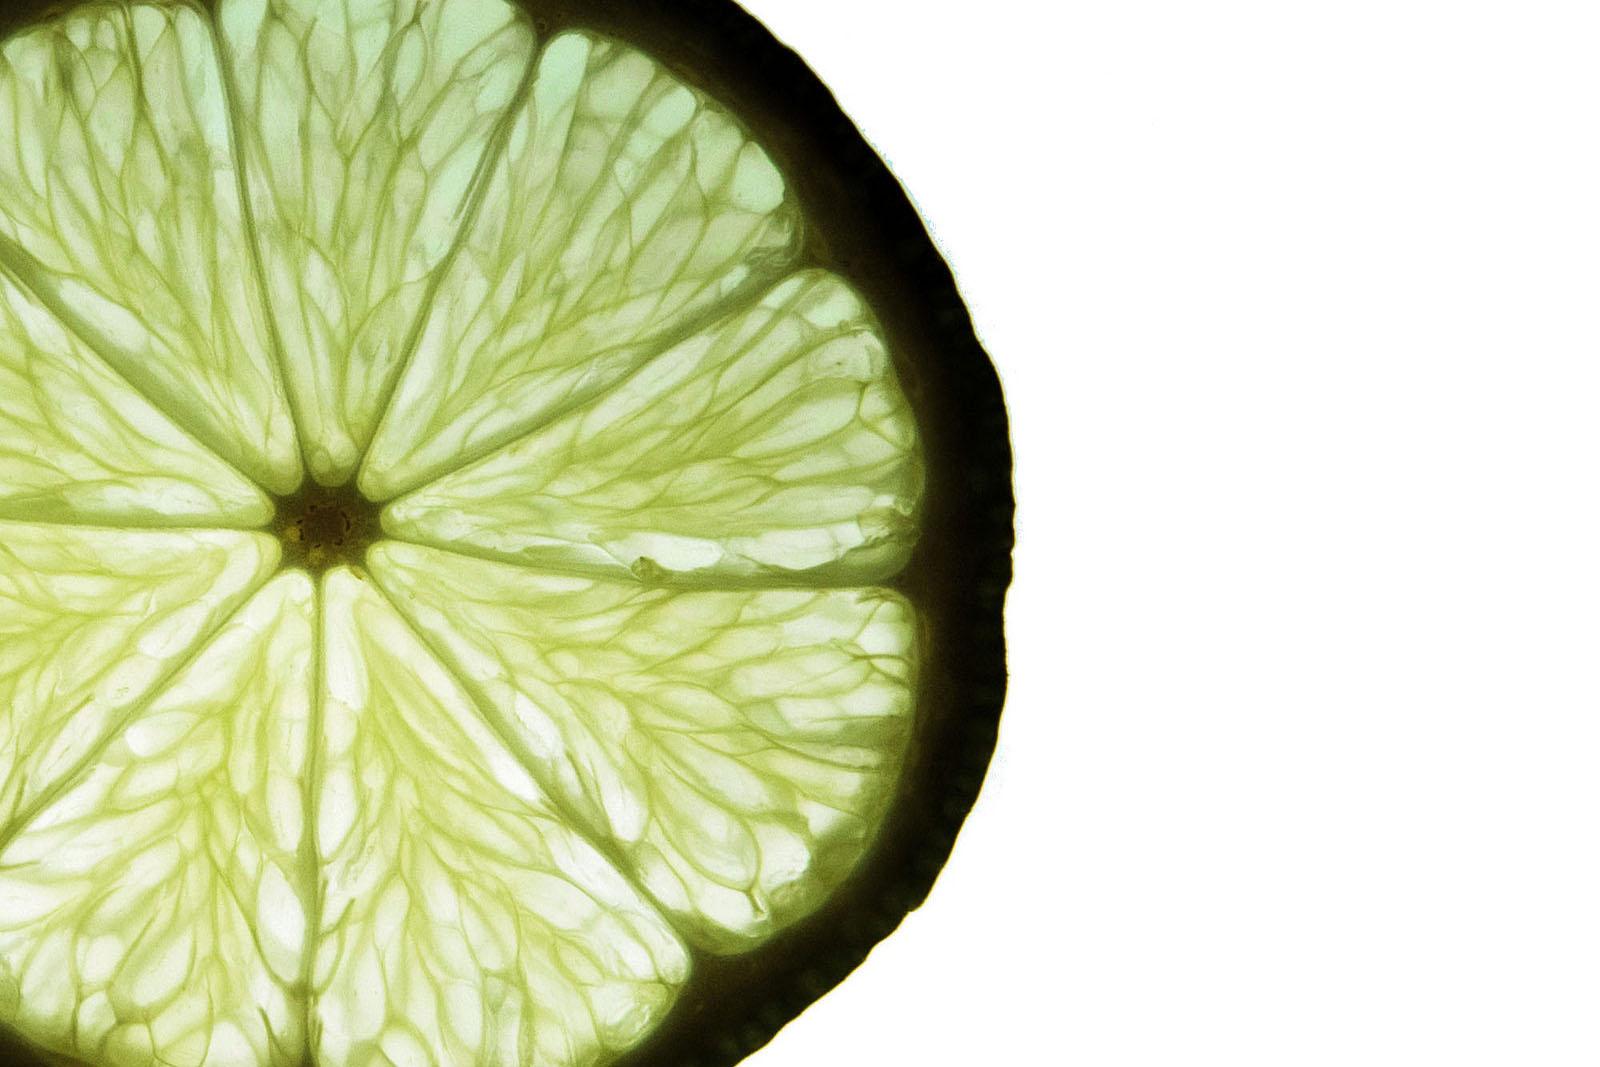 a lime slice